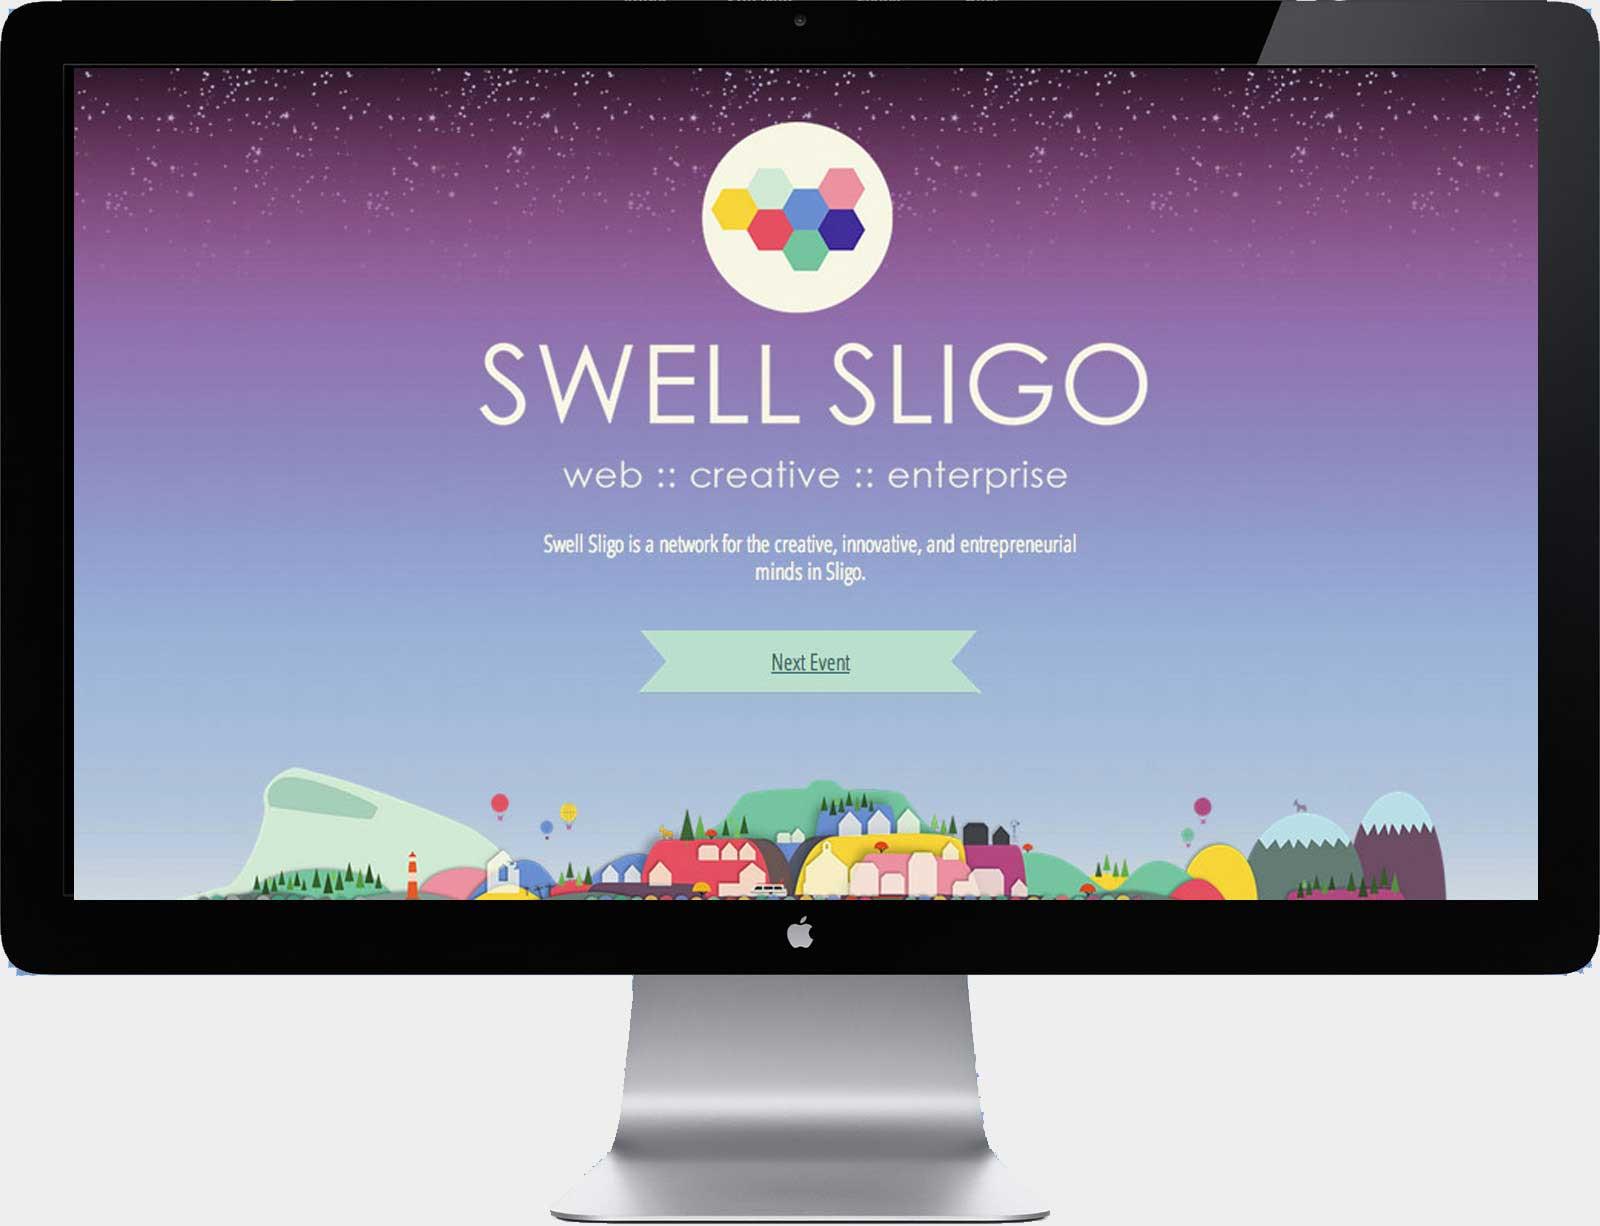 swell sligo